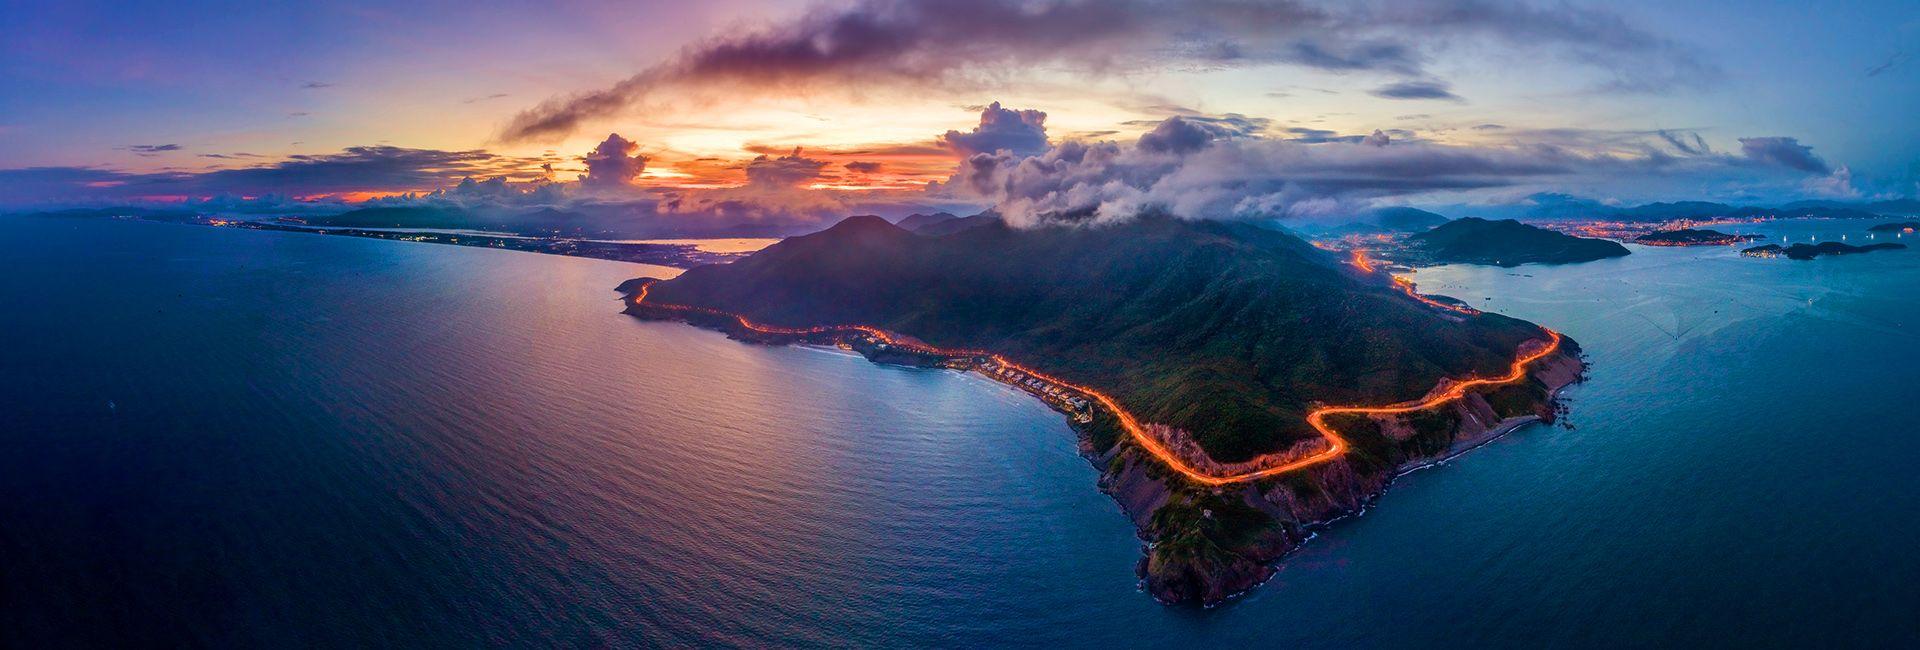 Du lịch Bãi Dài - Nha Trang: Kinh nghiệm du lịch từ A - Z